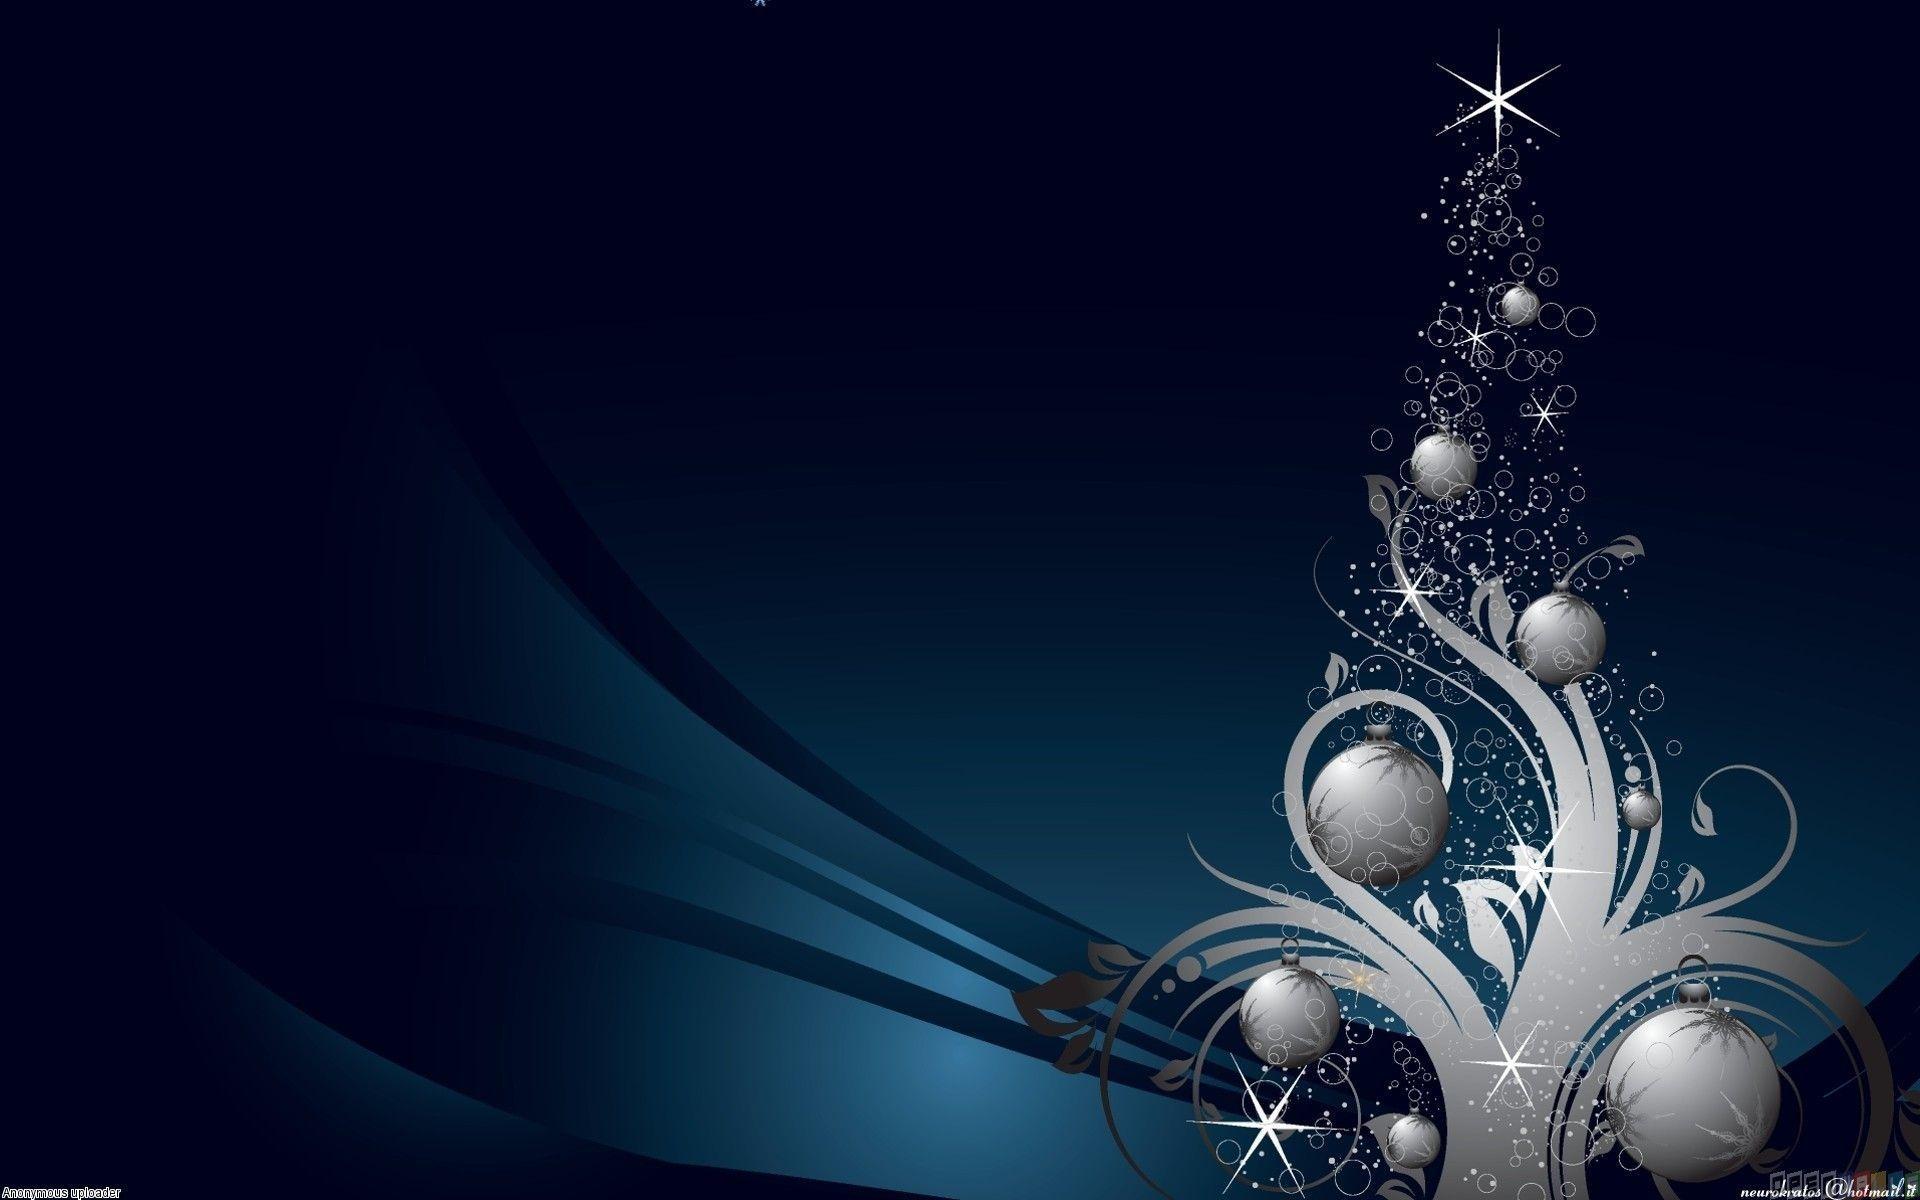 Fondos De Pantalla Navidenos Gratis: Abstract Christmas Backgrounds